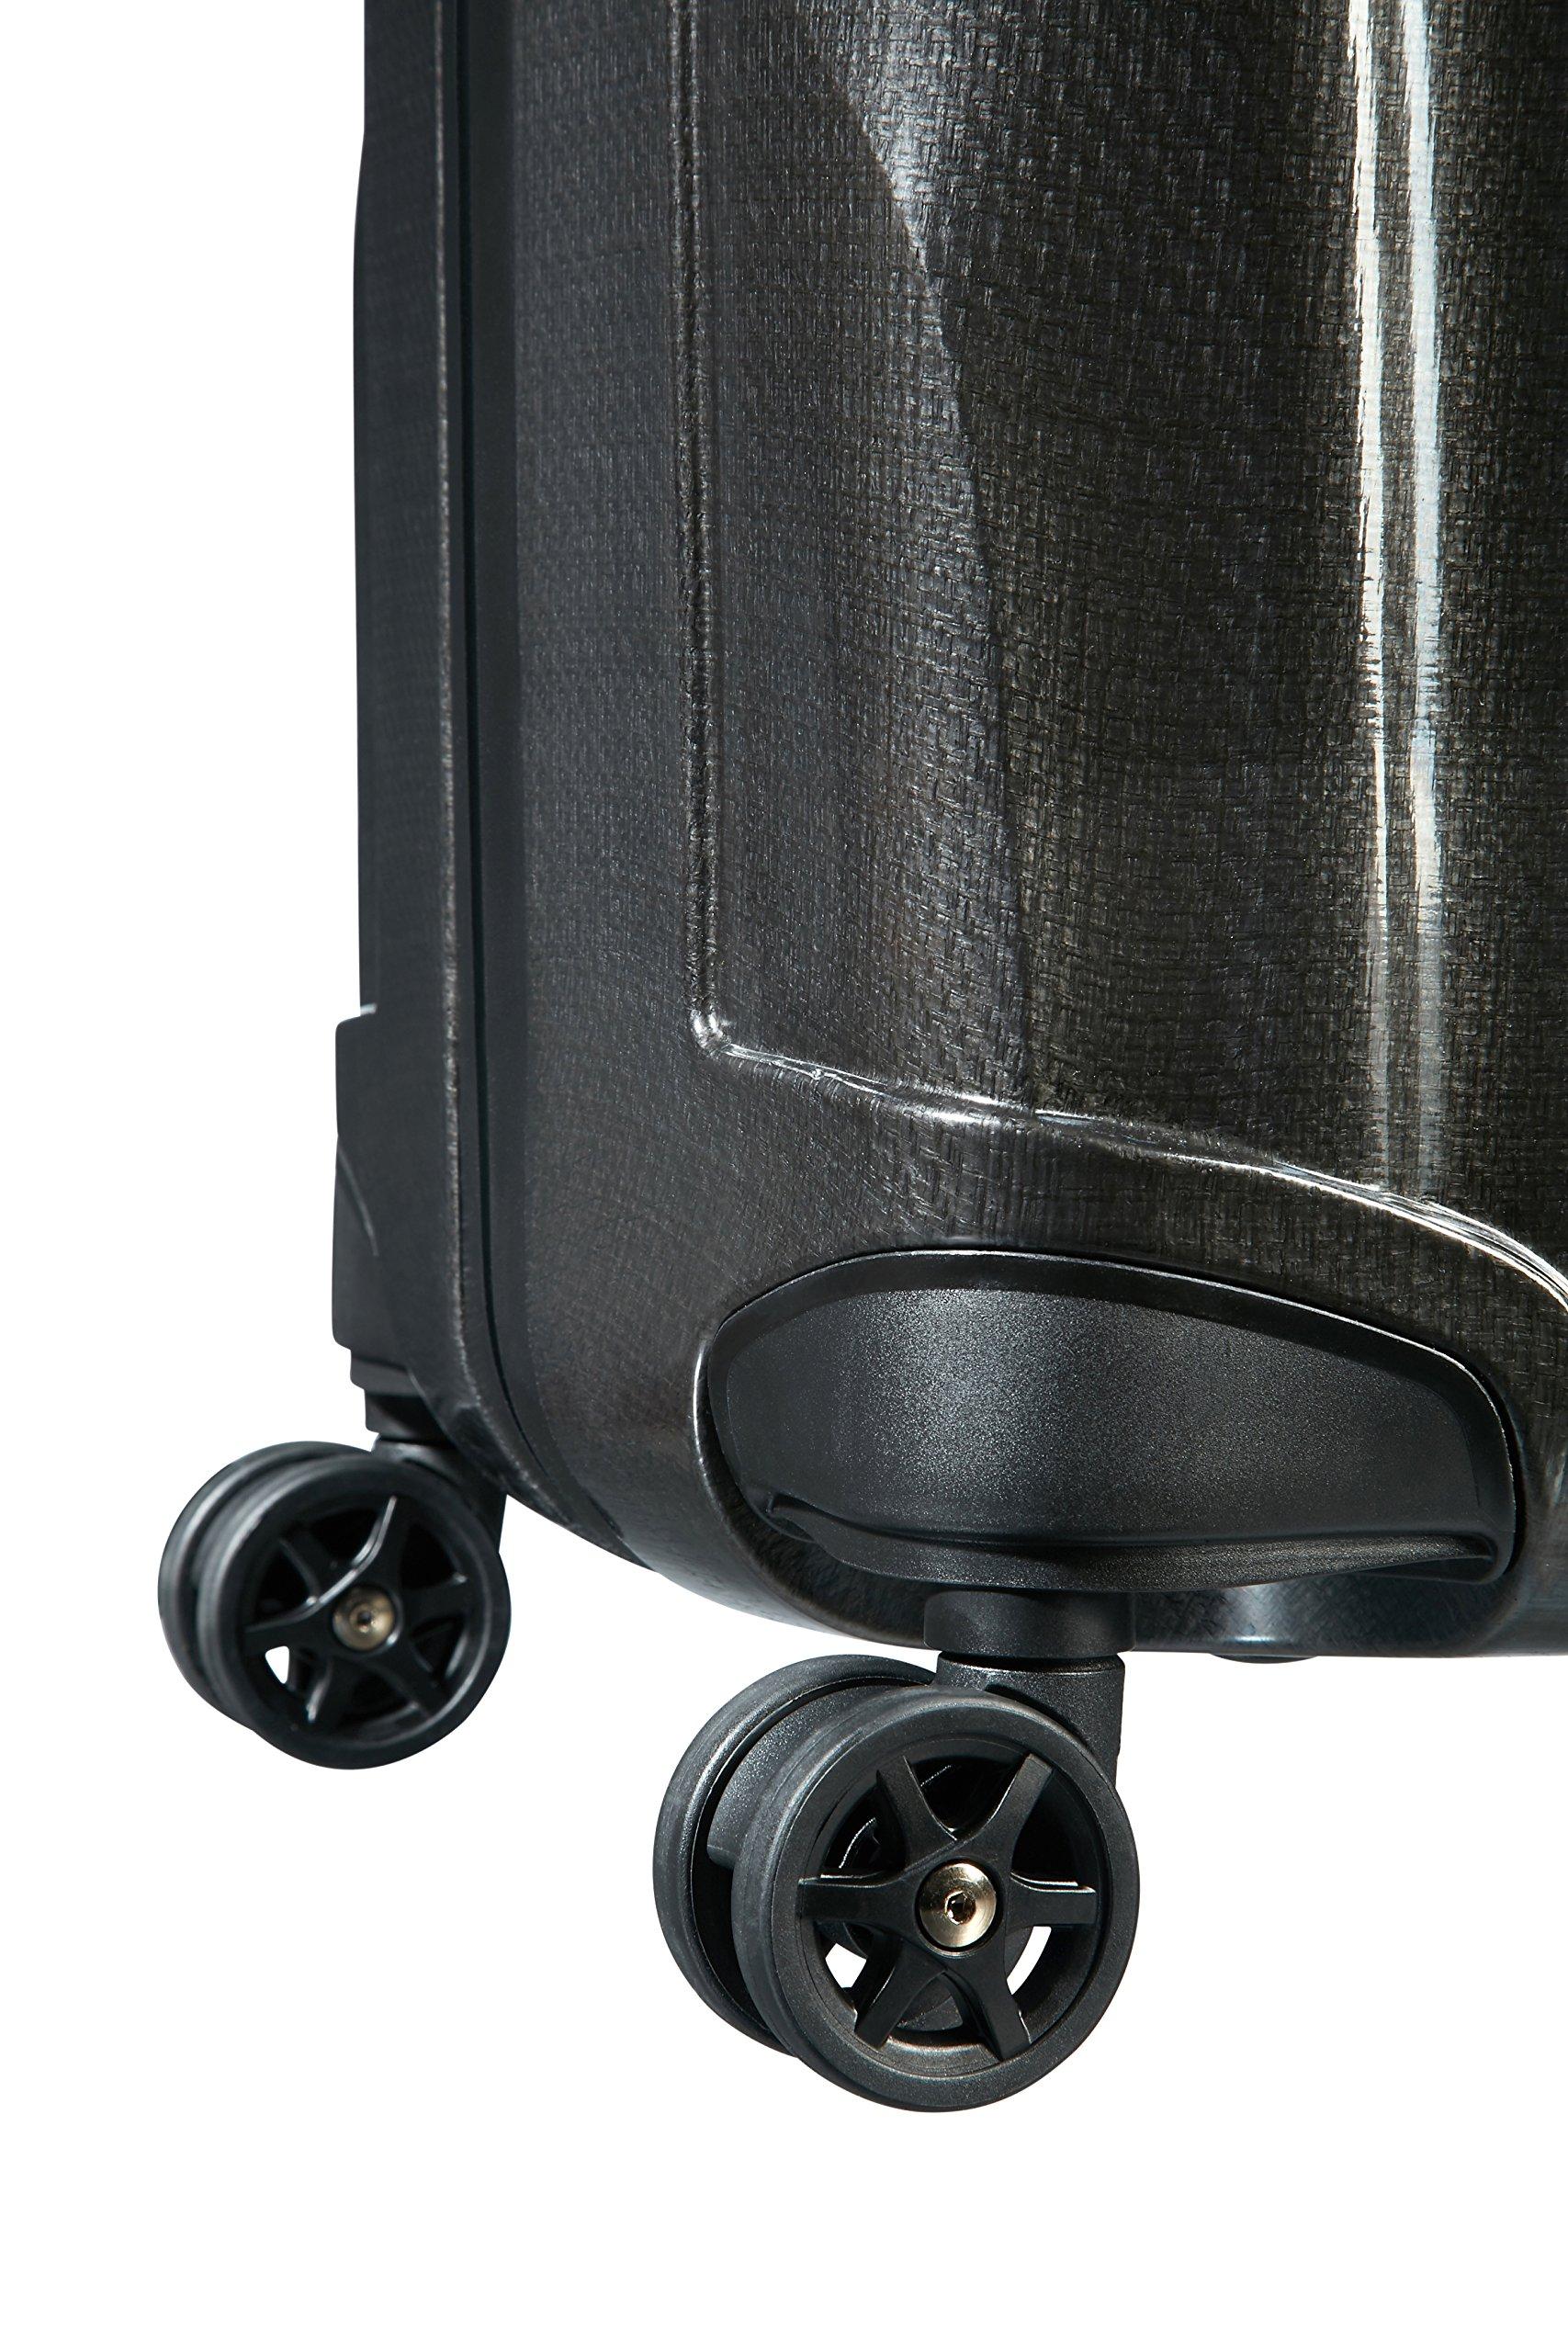 Samsonite-Lite-Locked-Spinner-7528-Koffer-75-cm